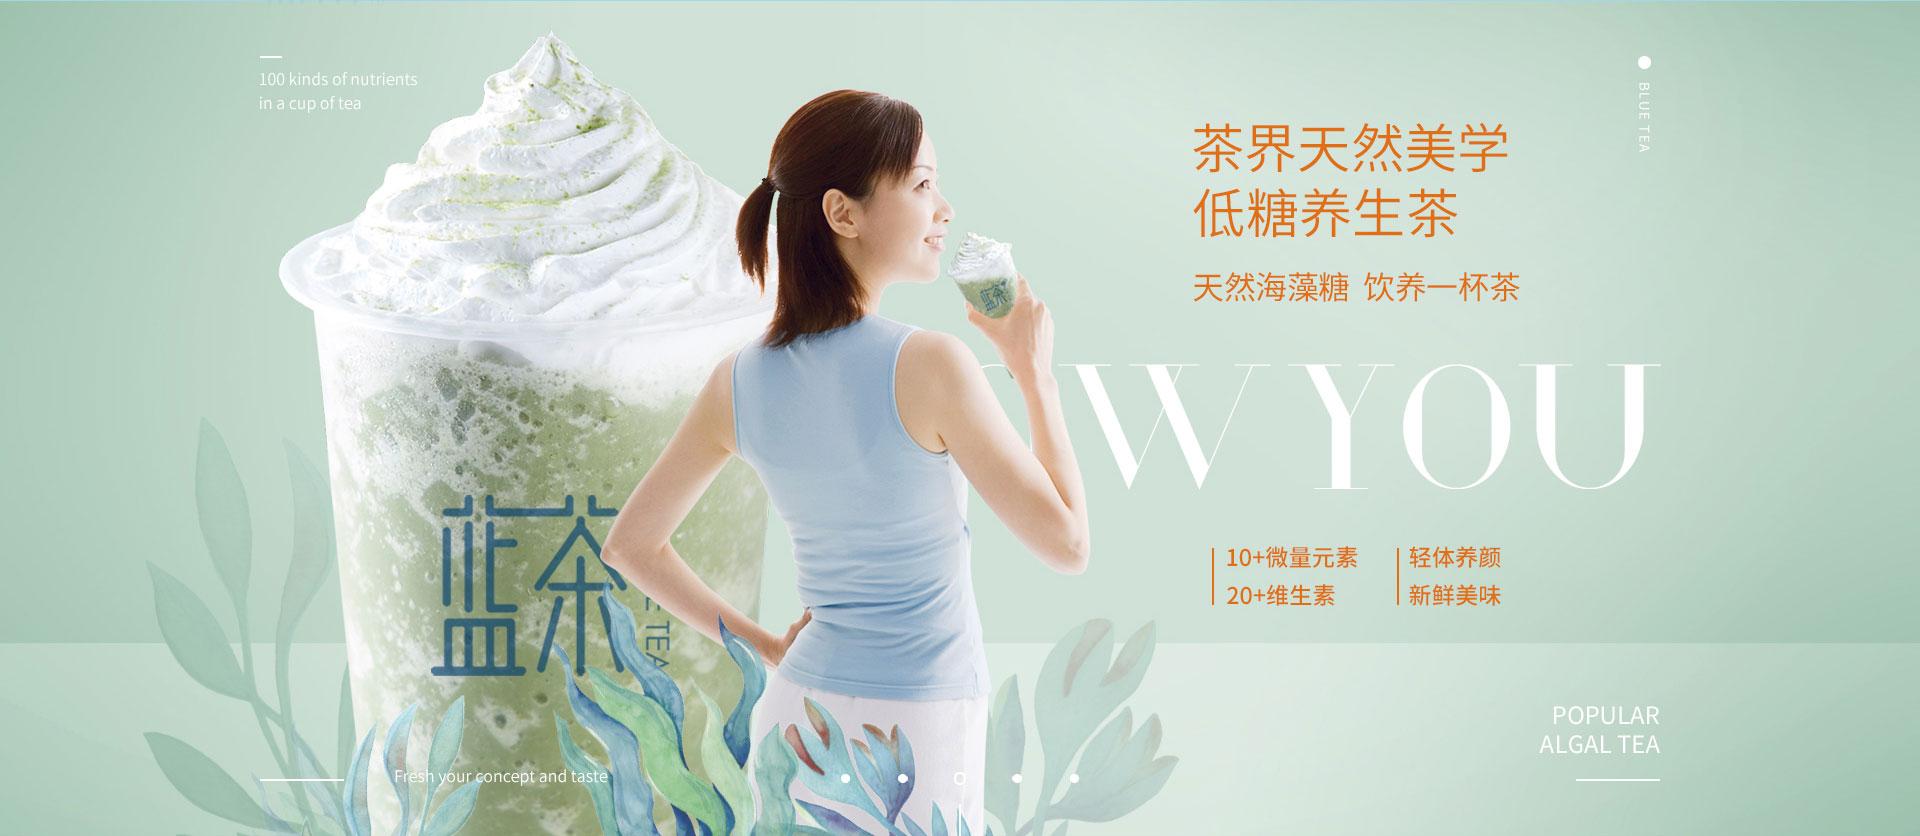 蓝茶海藻茶创业项目_昌启餐饮奶茶加盟